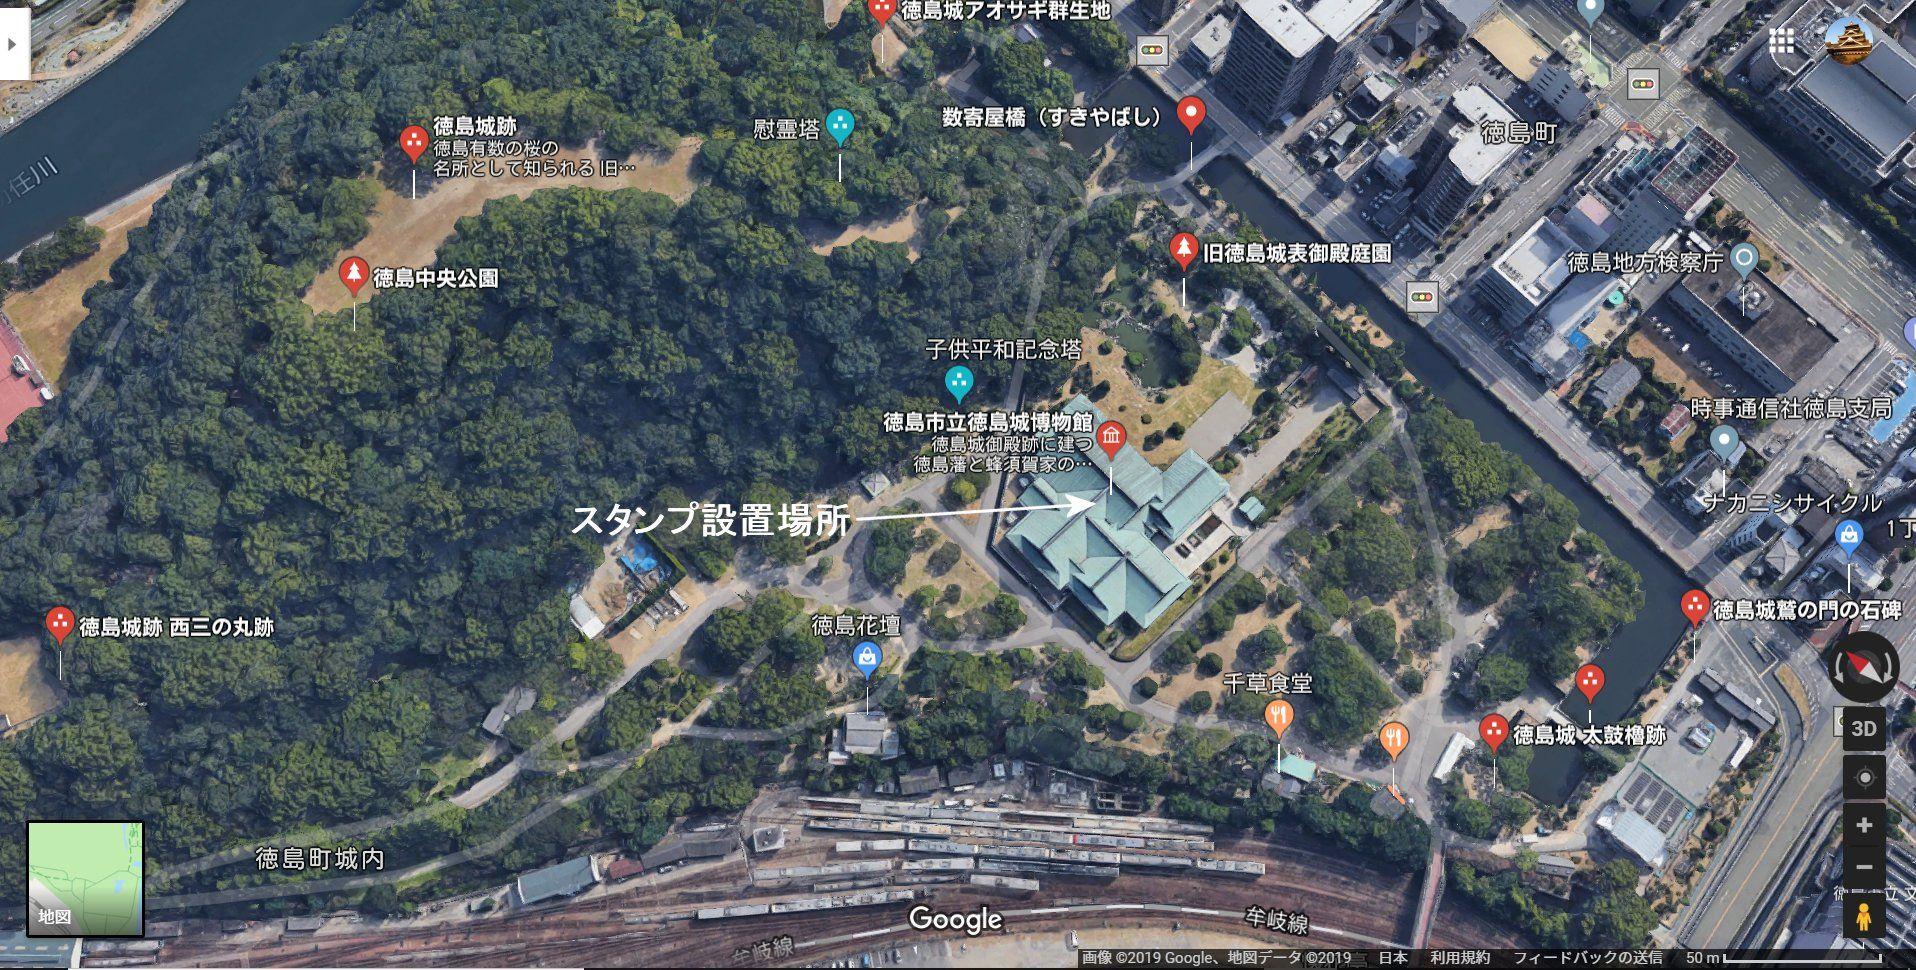 日本100名城巡り 42 徳島城 (徳島県) | Canon Boy のブログ - 楽天ブログ